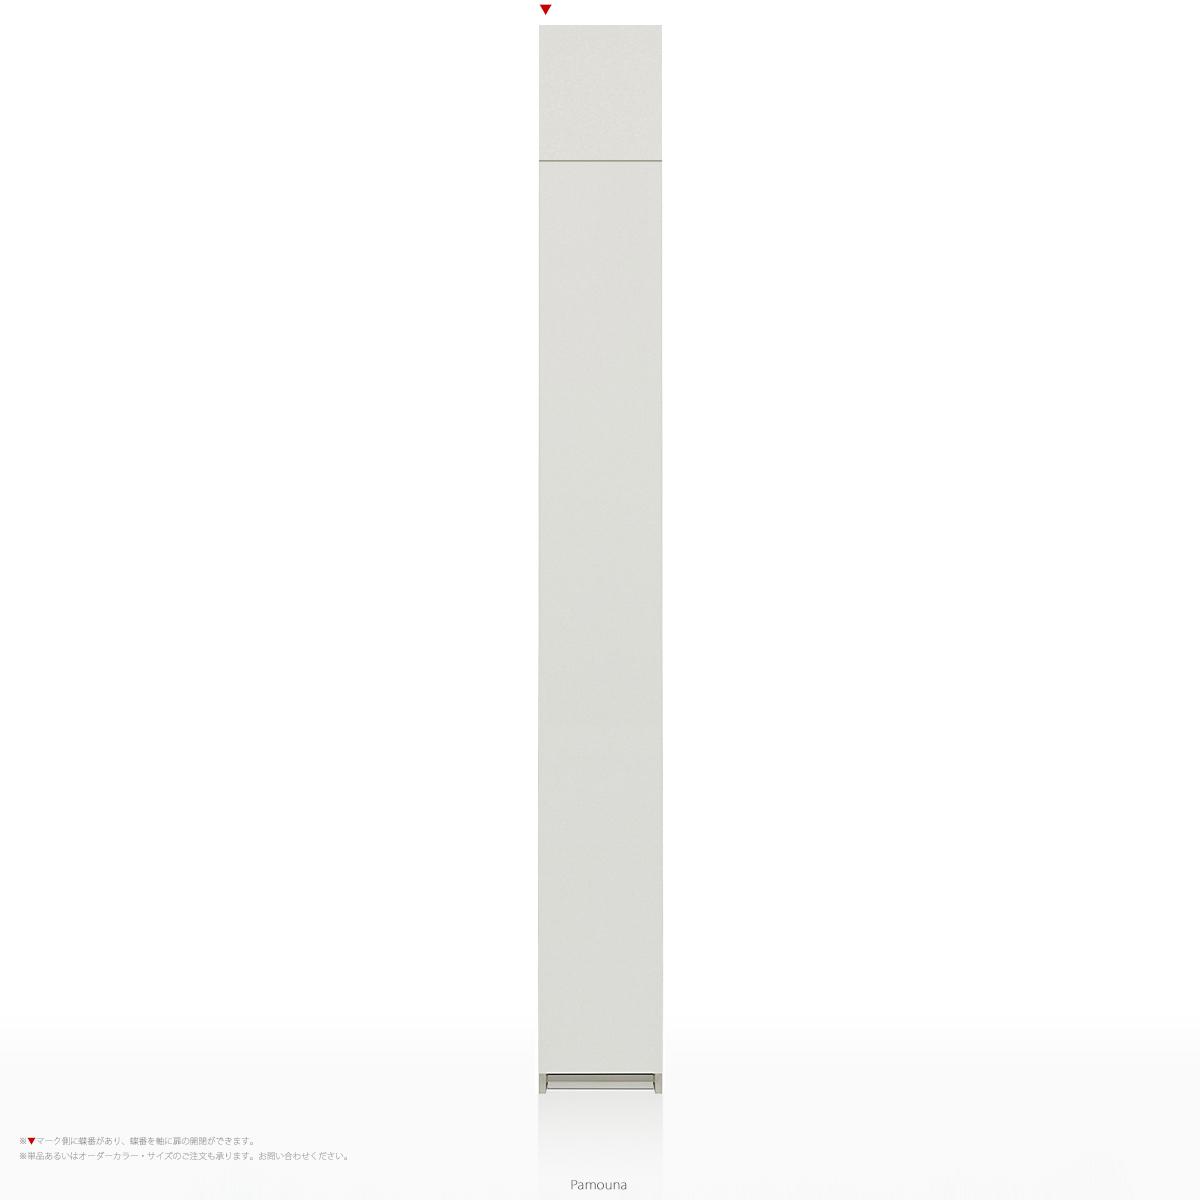 パモウナ WGシリーズ WG-S300 上棚付きスリムストッカー [開き扉] (幅30cm, 奥行き45cm, 上棚左開き, パールホワイト)【送料無料 ※対象地域(本州,九州,四国)】【同梱不可】【店頭受取対応商品】